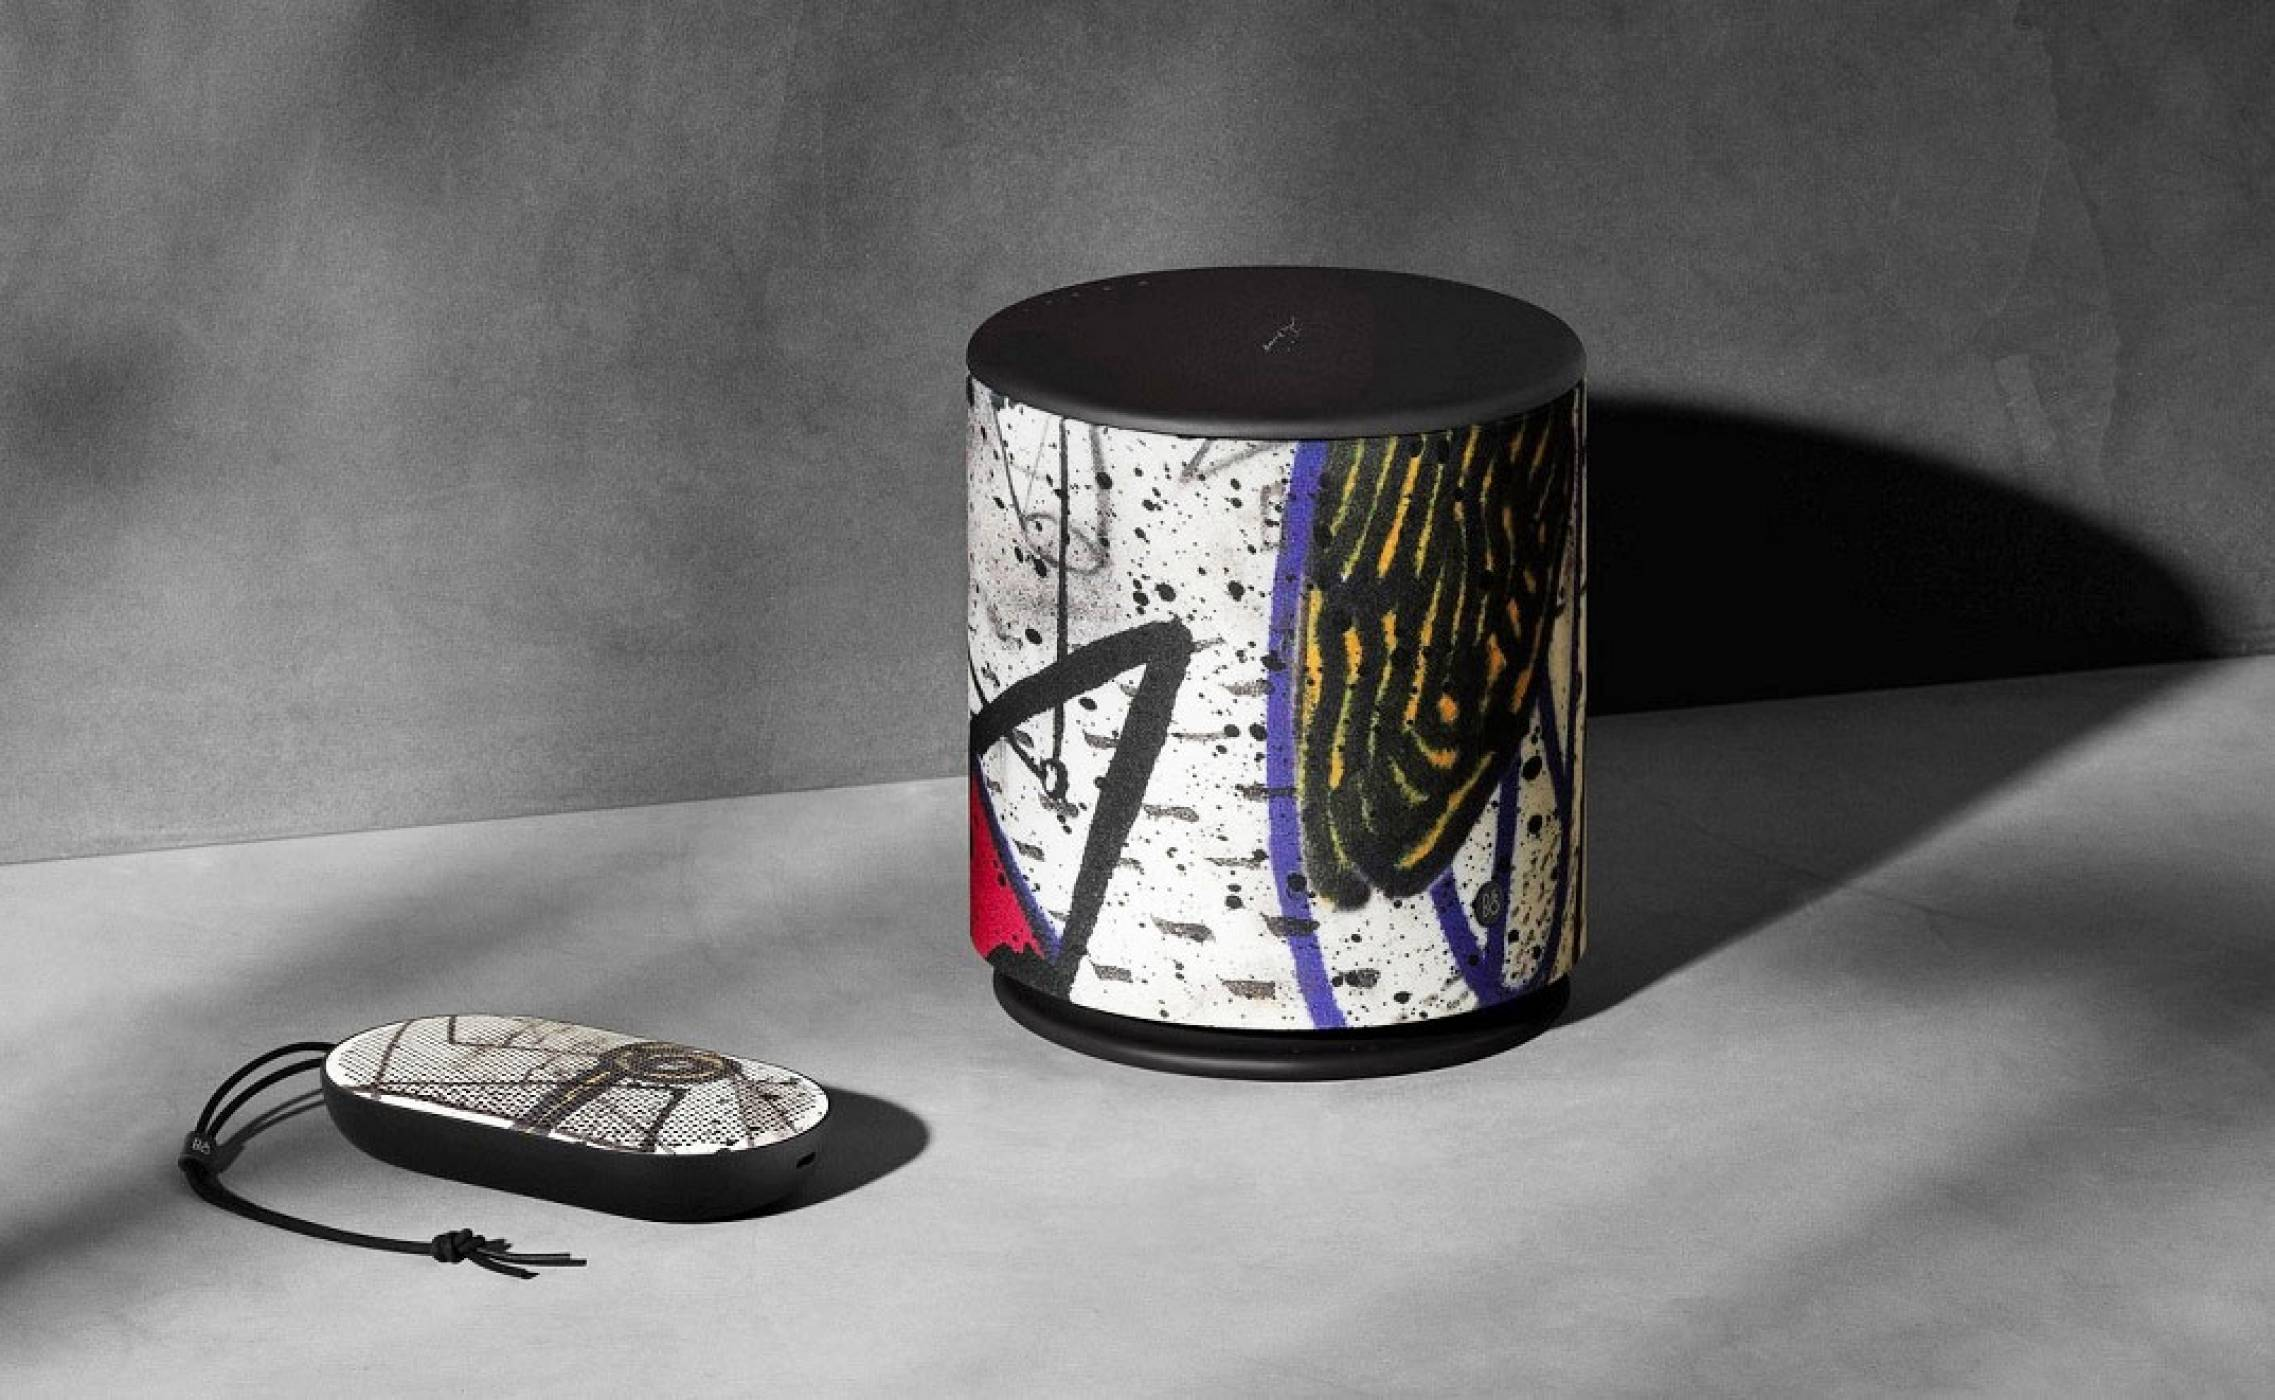 Bang & Olufsen и творческият гений на Дейвид Линч е една неочаквана комбинация